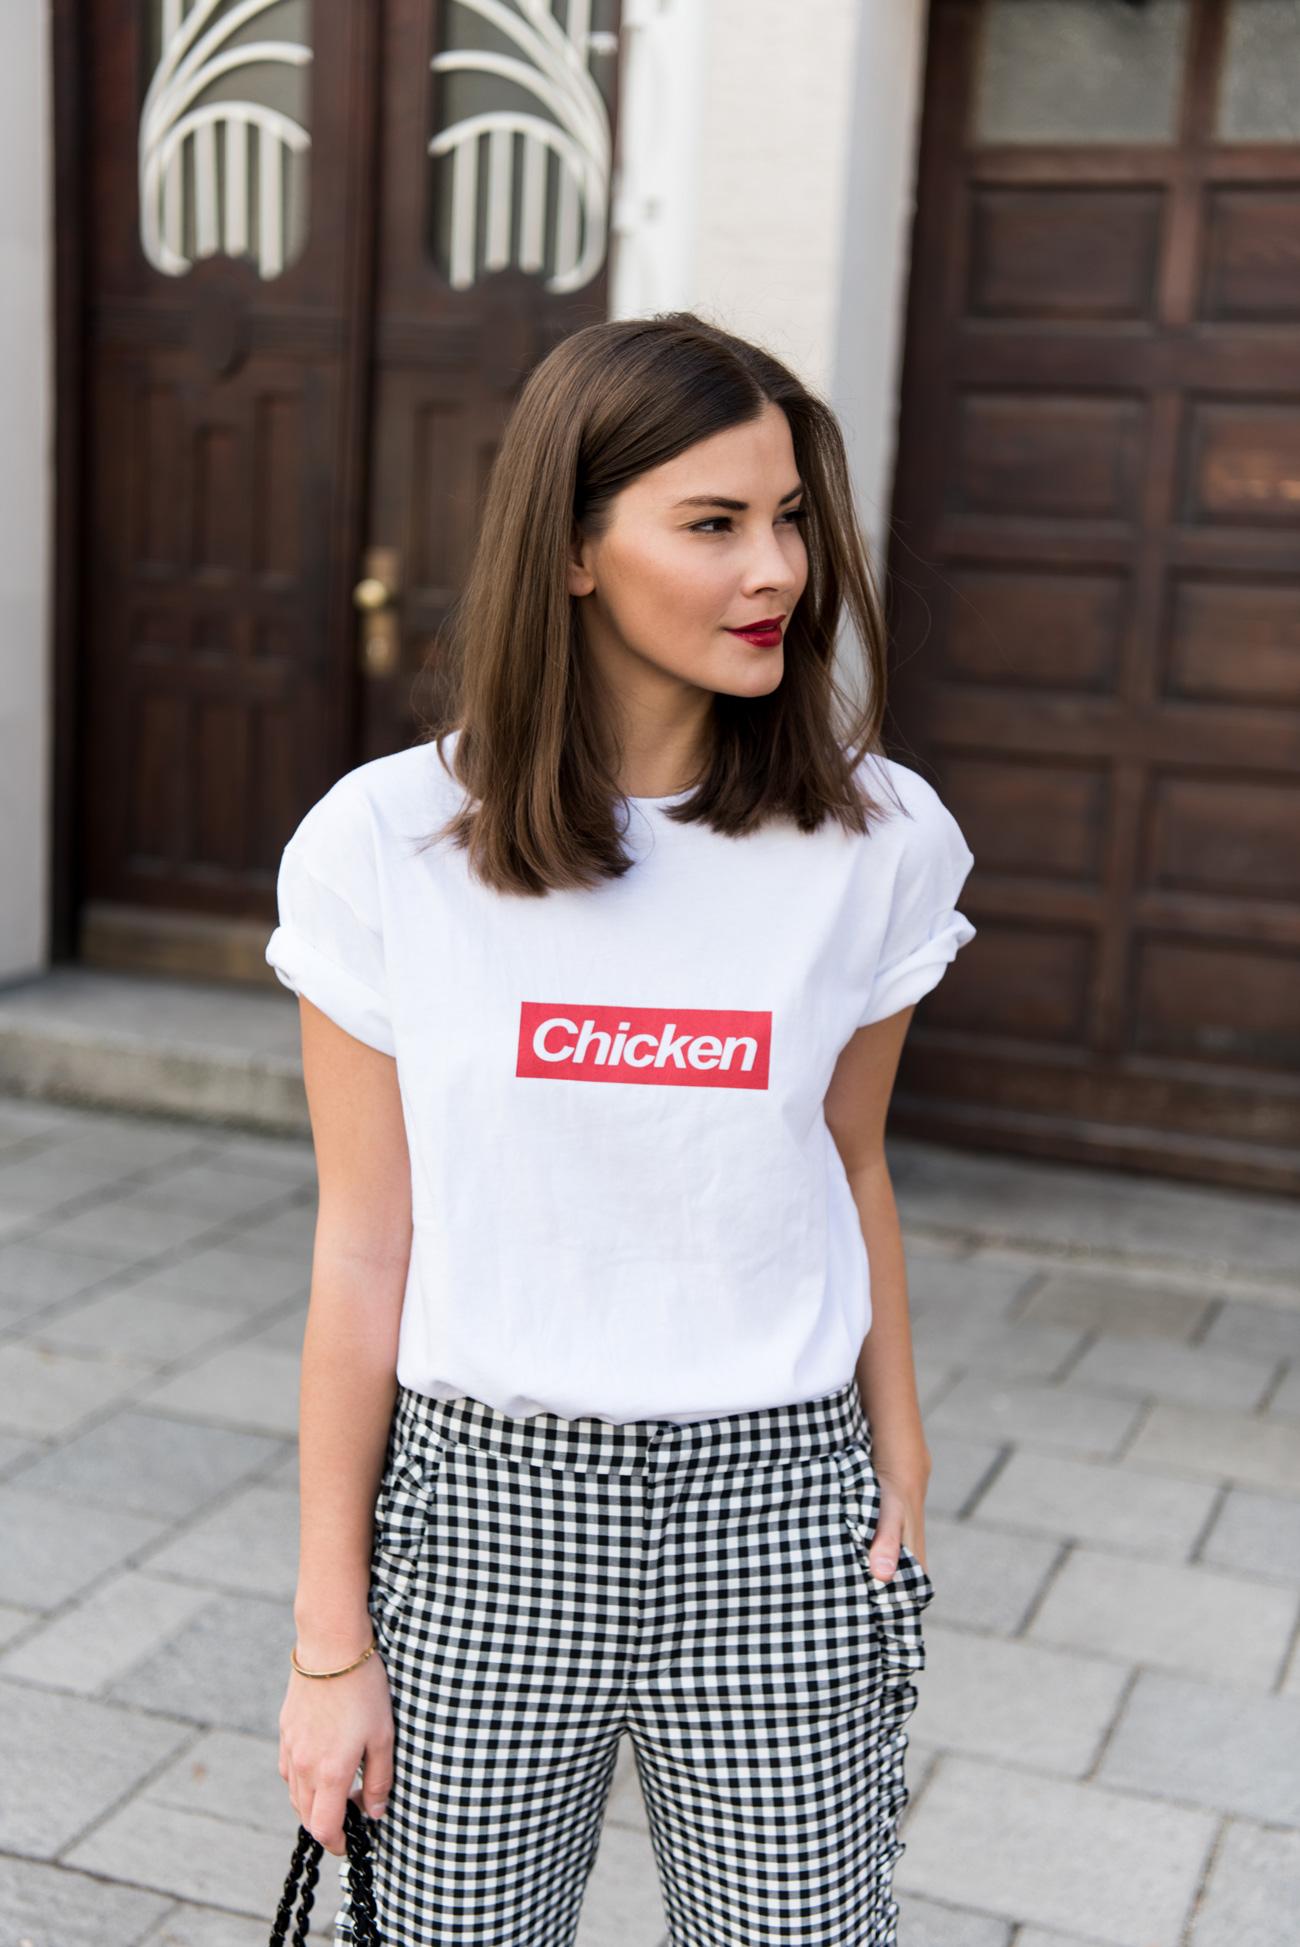 influencer-fashionblog-münchen-mode-blog-munich-fashion-blog-deutschland-modeblog-münchen-nina-schwichtenberg-fashiioncarpet